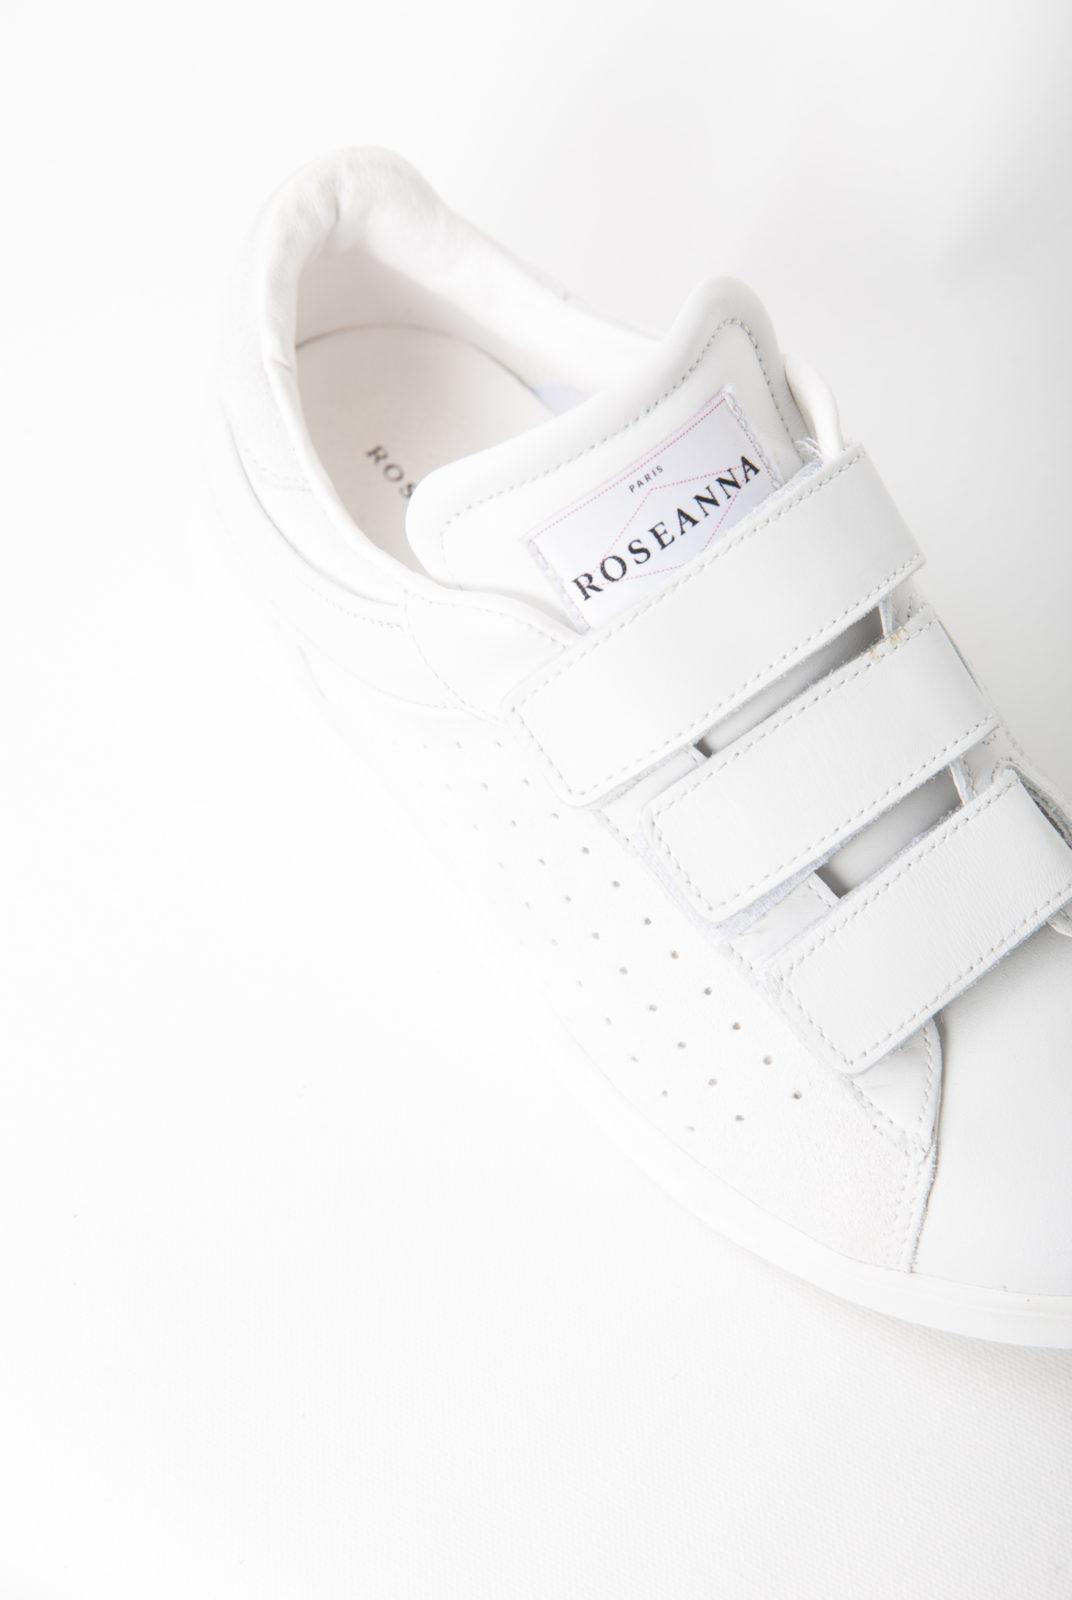 Baskets Julius blanches réalisées en cuir lisse et discrètement perforé. Elles possèdent des brides à bandes Velcro®.